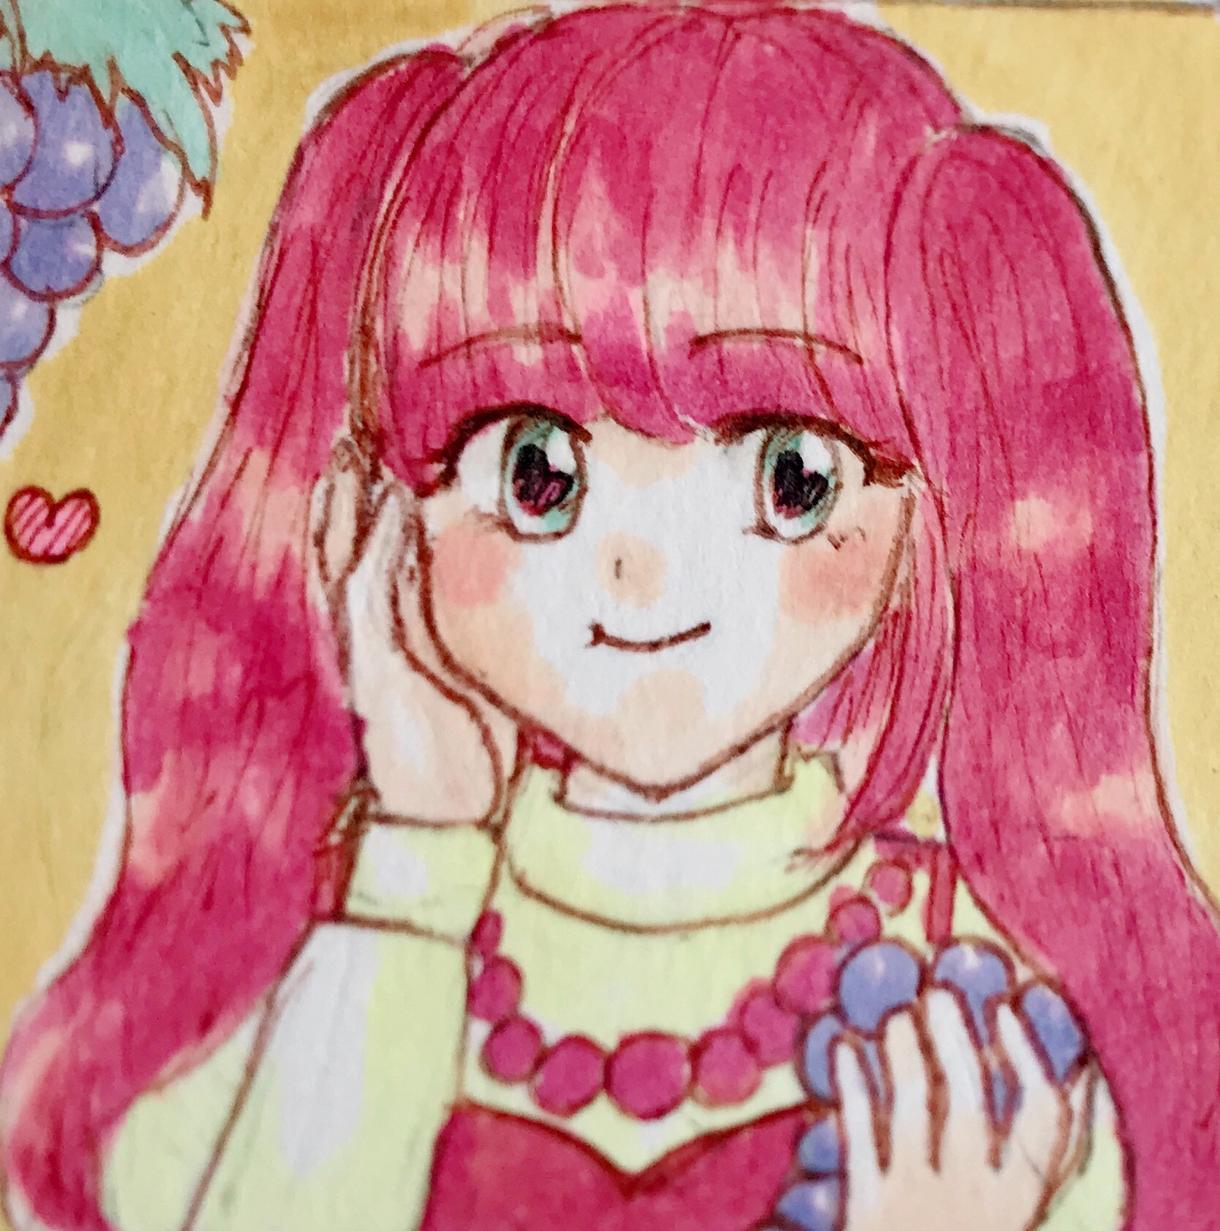 コピックを使ったアイコン描きます 可愛い、優しい雰囲気のイラスト*似顔絵もOKです